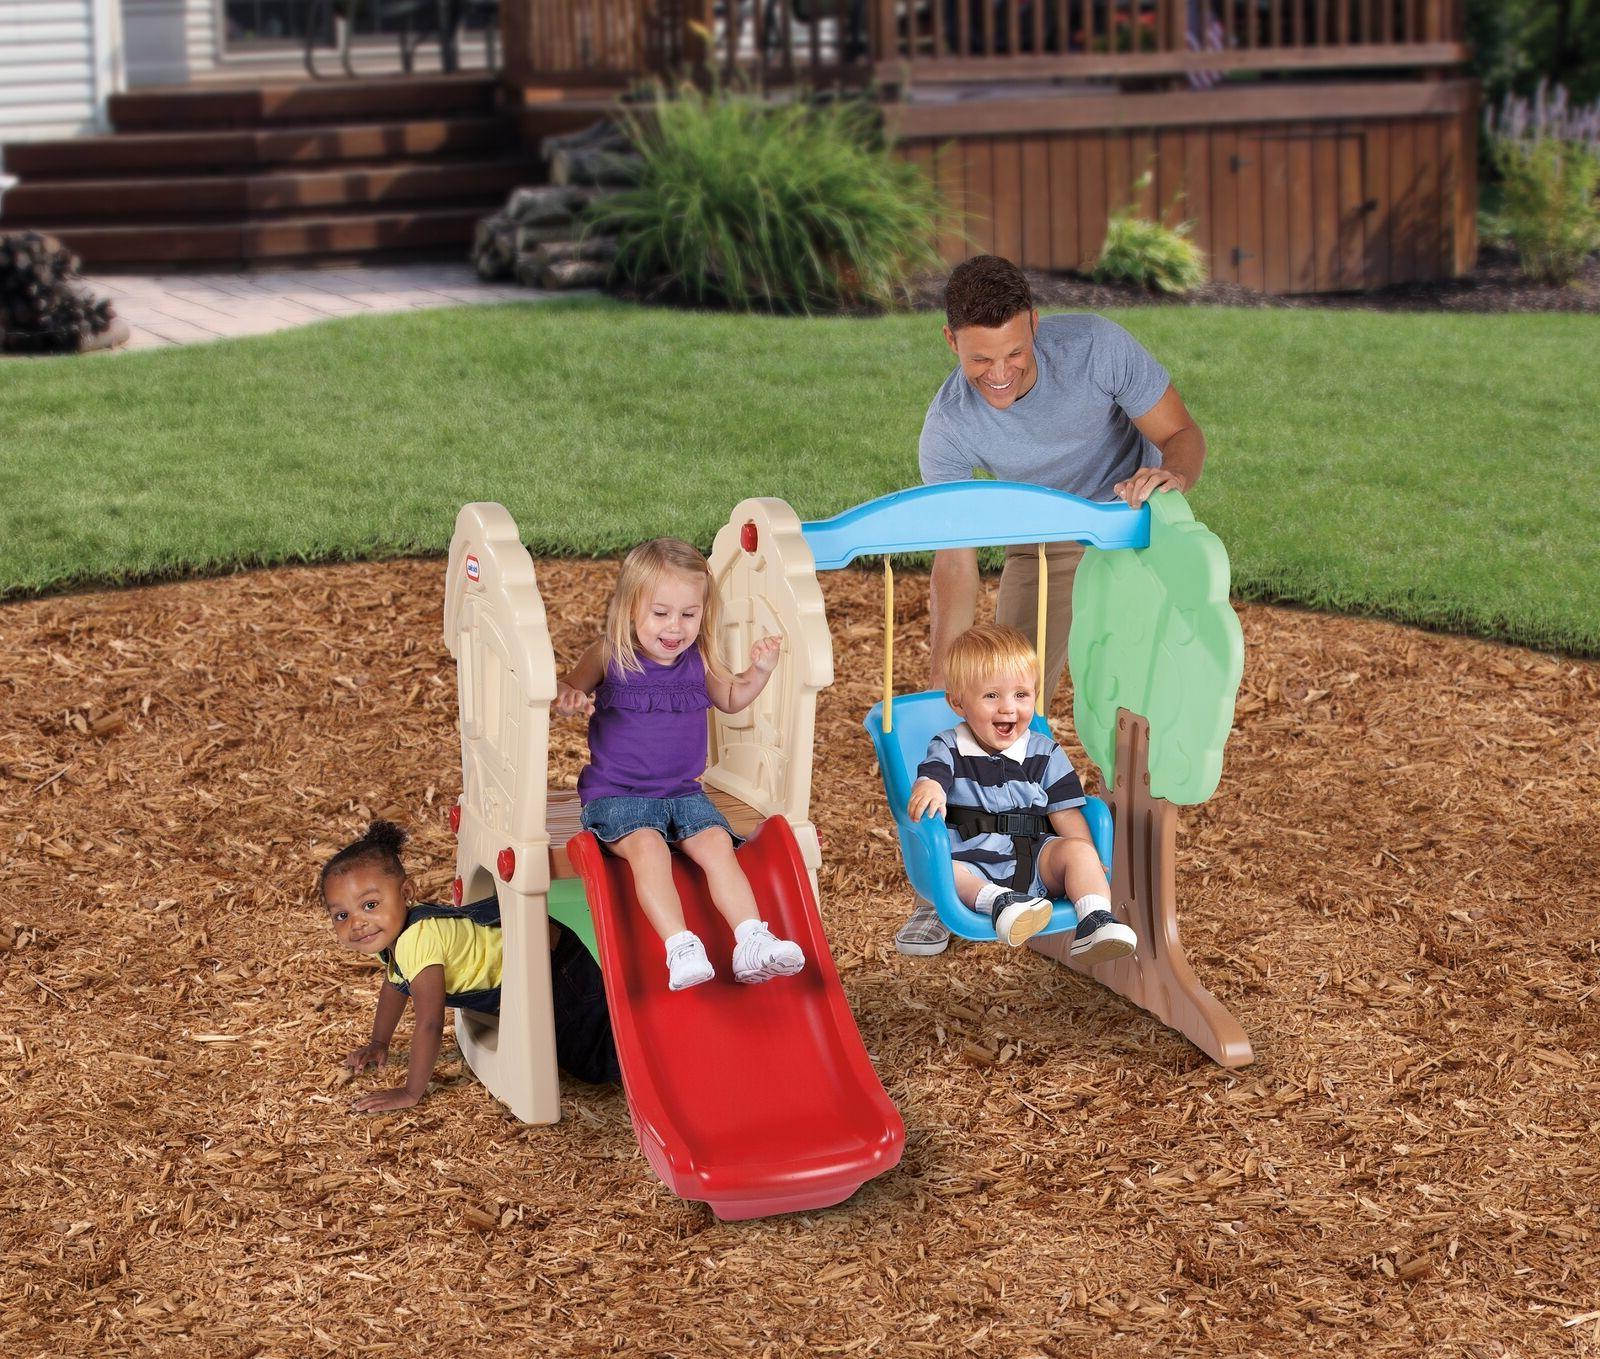 climber and outdoor play backyard playset kids